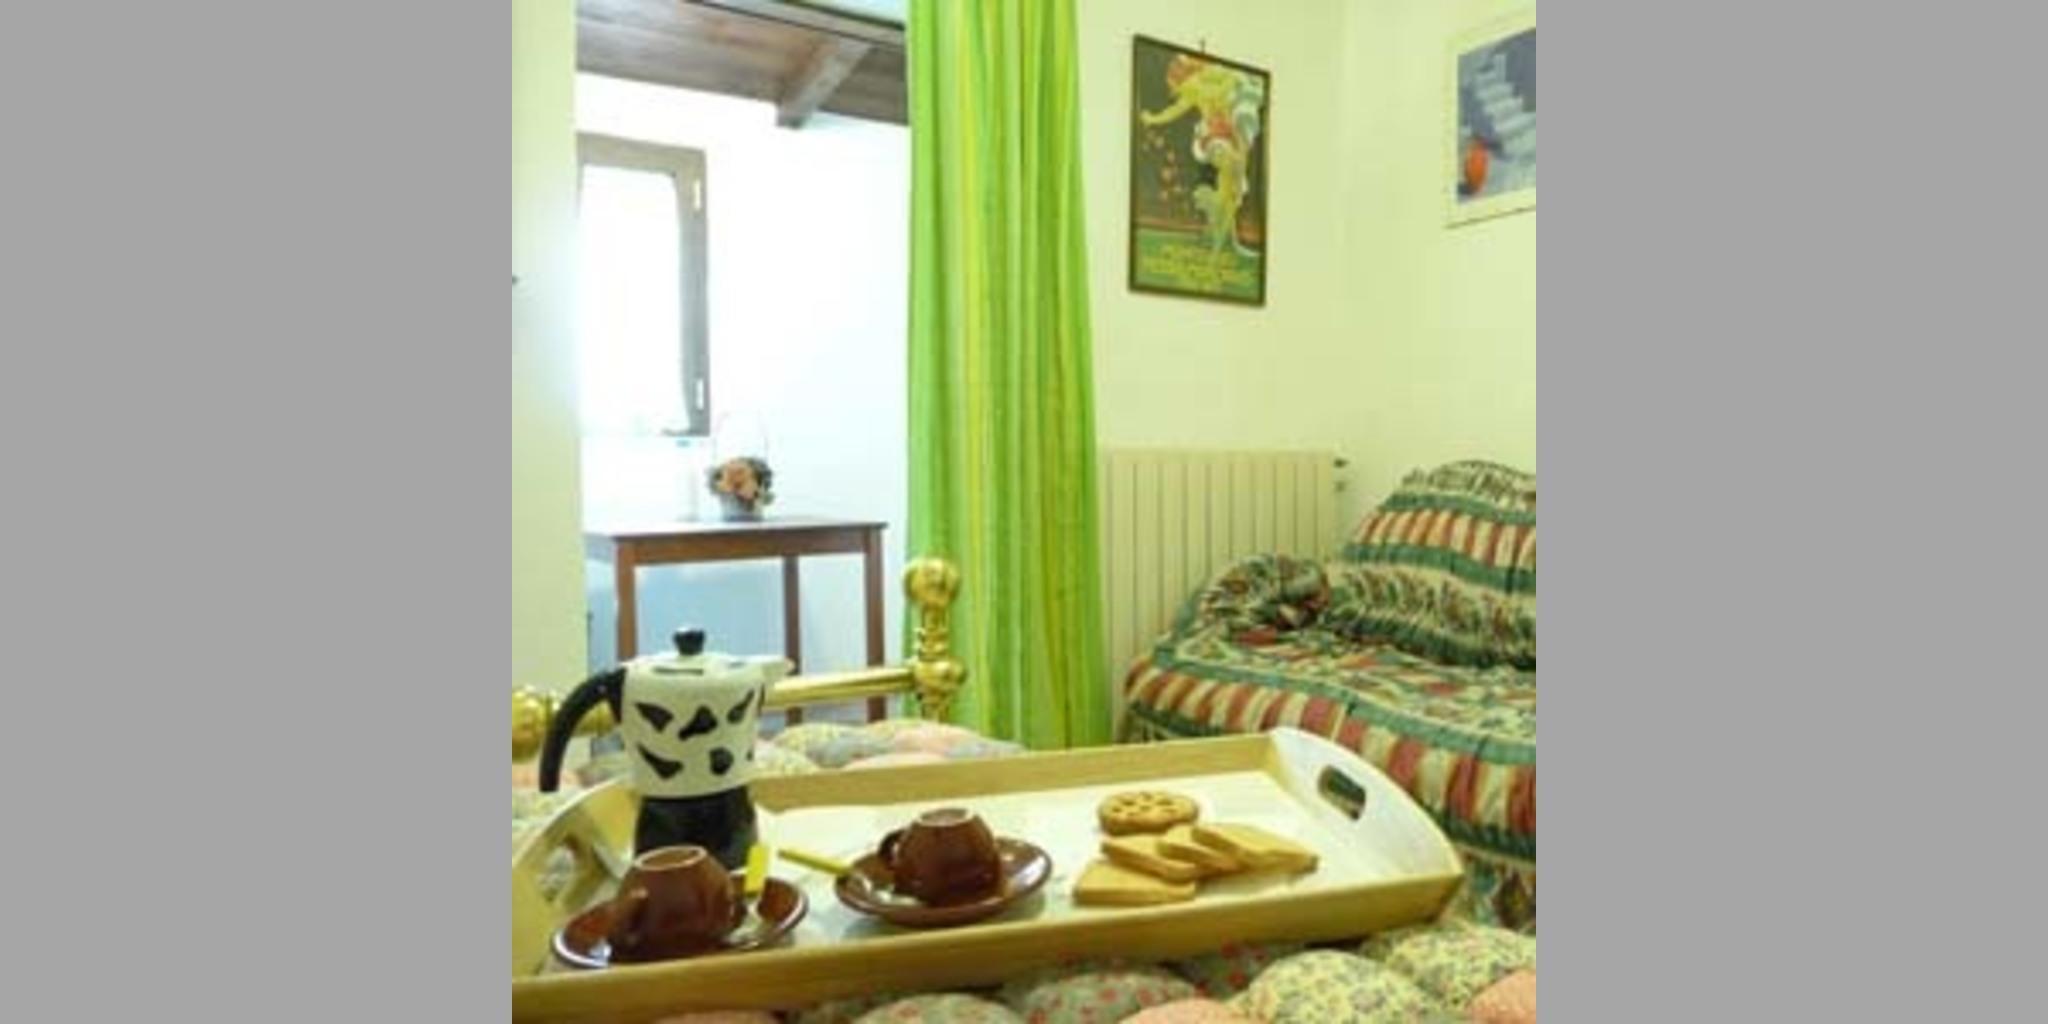 Bed & Breakfast Zagarolo - Palazzola